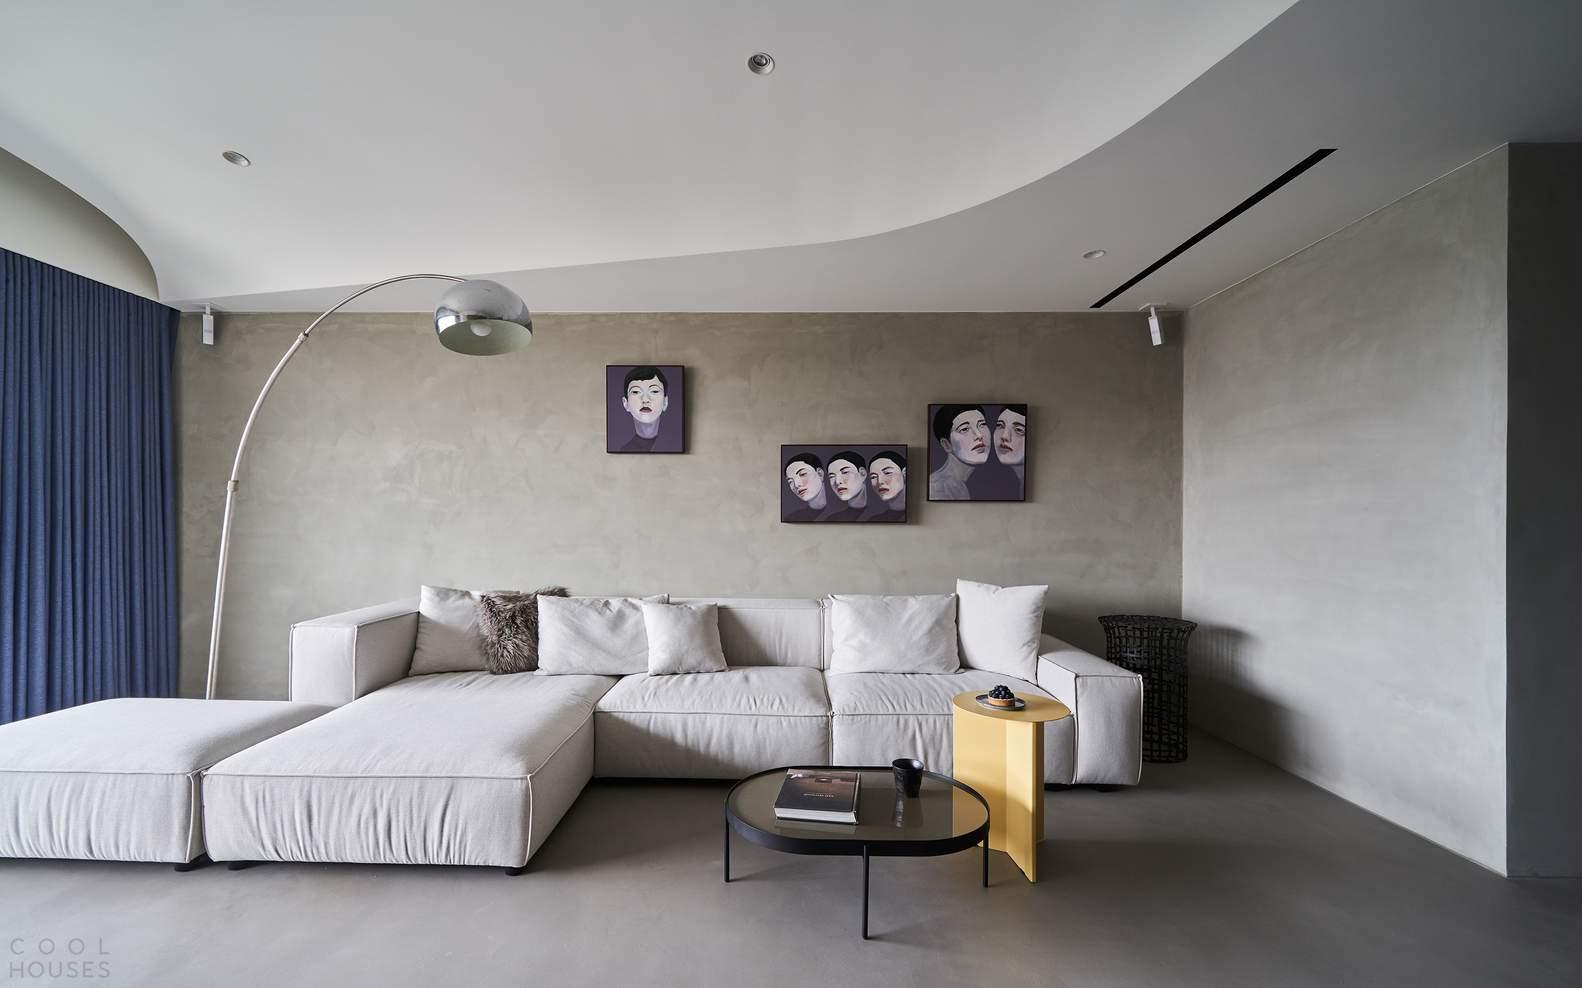 Мужская резиденция со строгой элегантной эстетикой, Тайвань